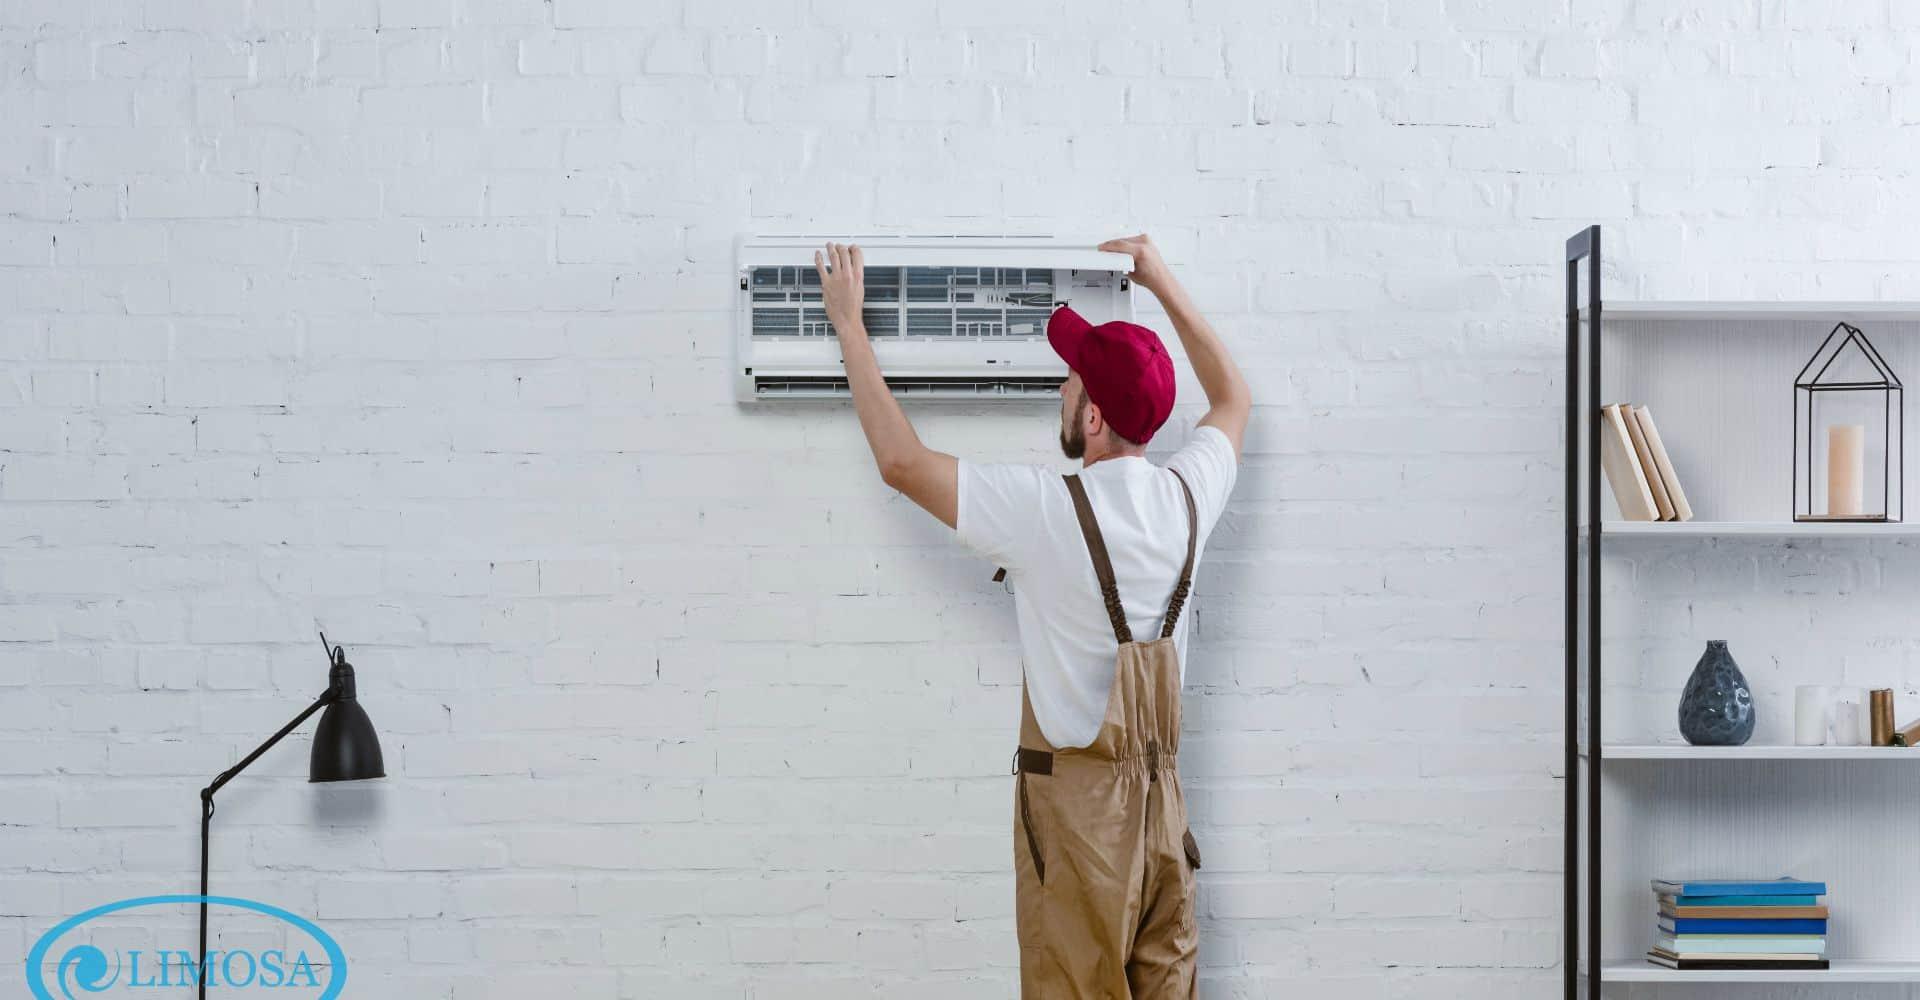 Vì sao máy lạnh đang chạy rồi tự nhiên tắt, sau đó chớp đèn liên tục?